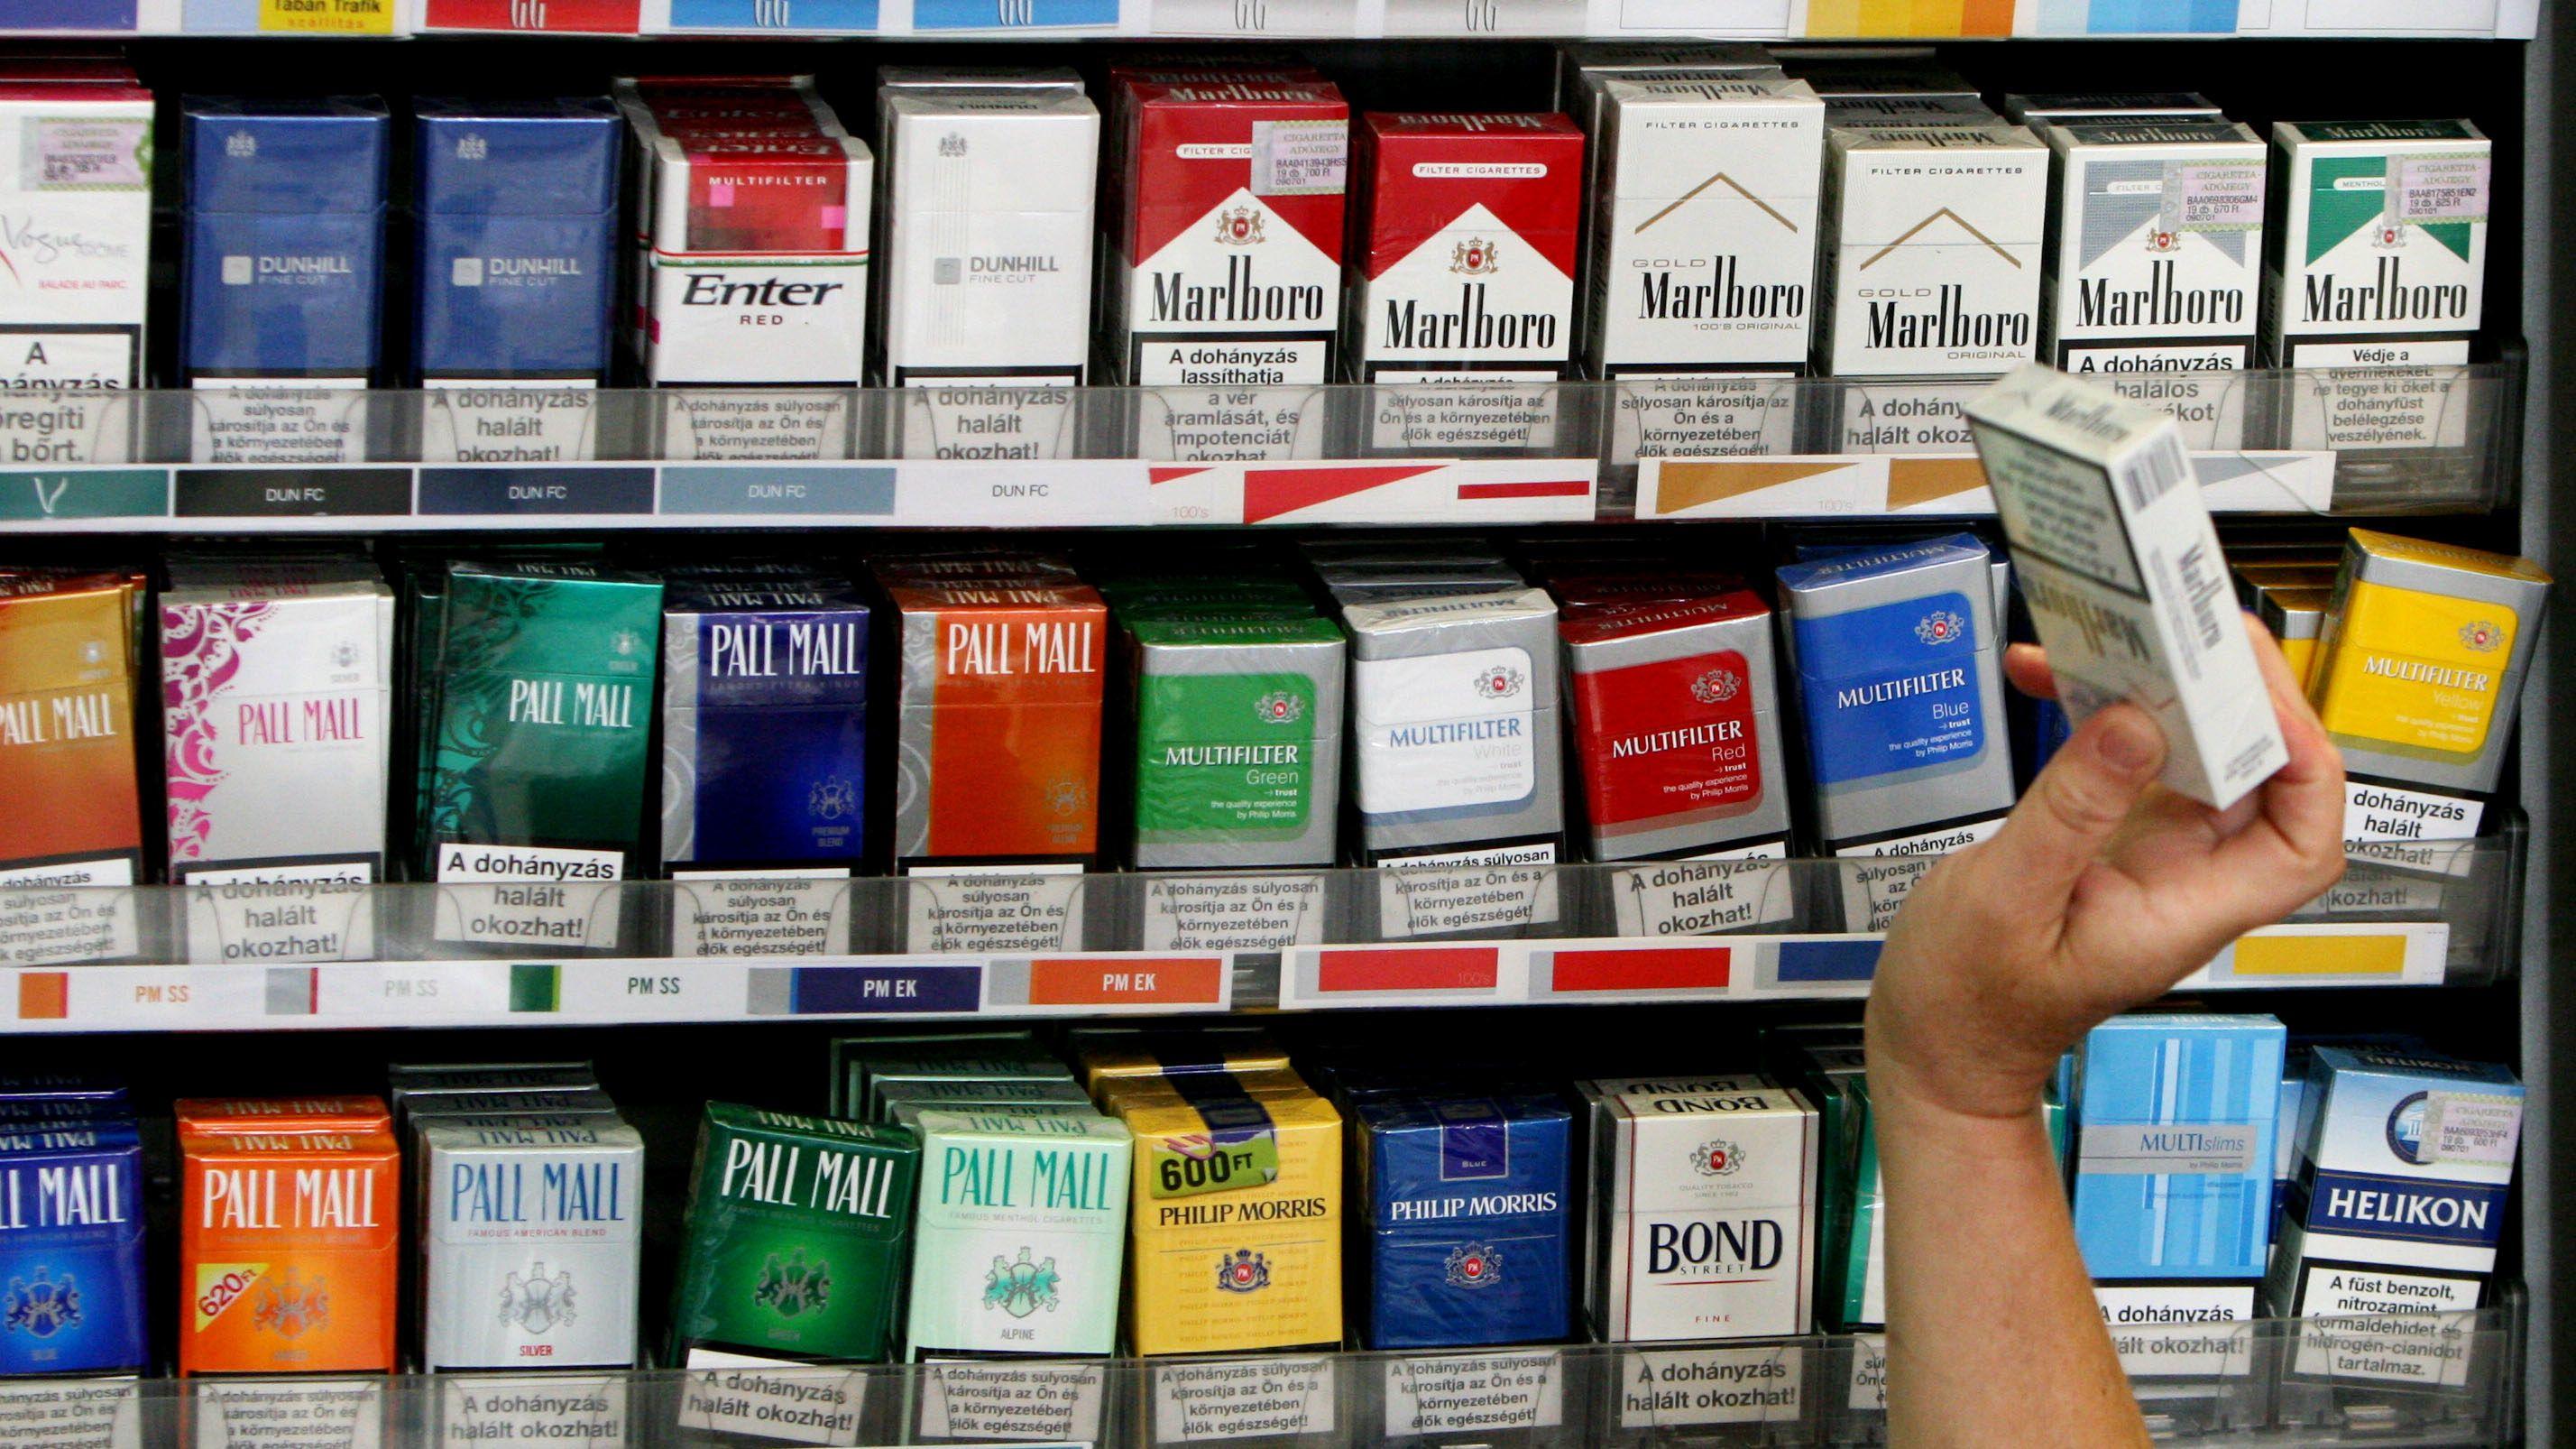 kidagadt hasa leszokott a dohányzásról